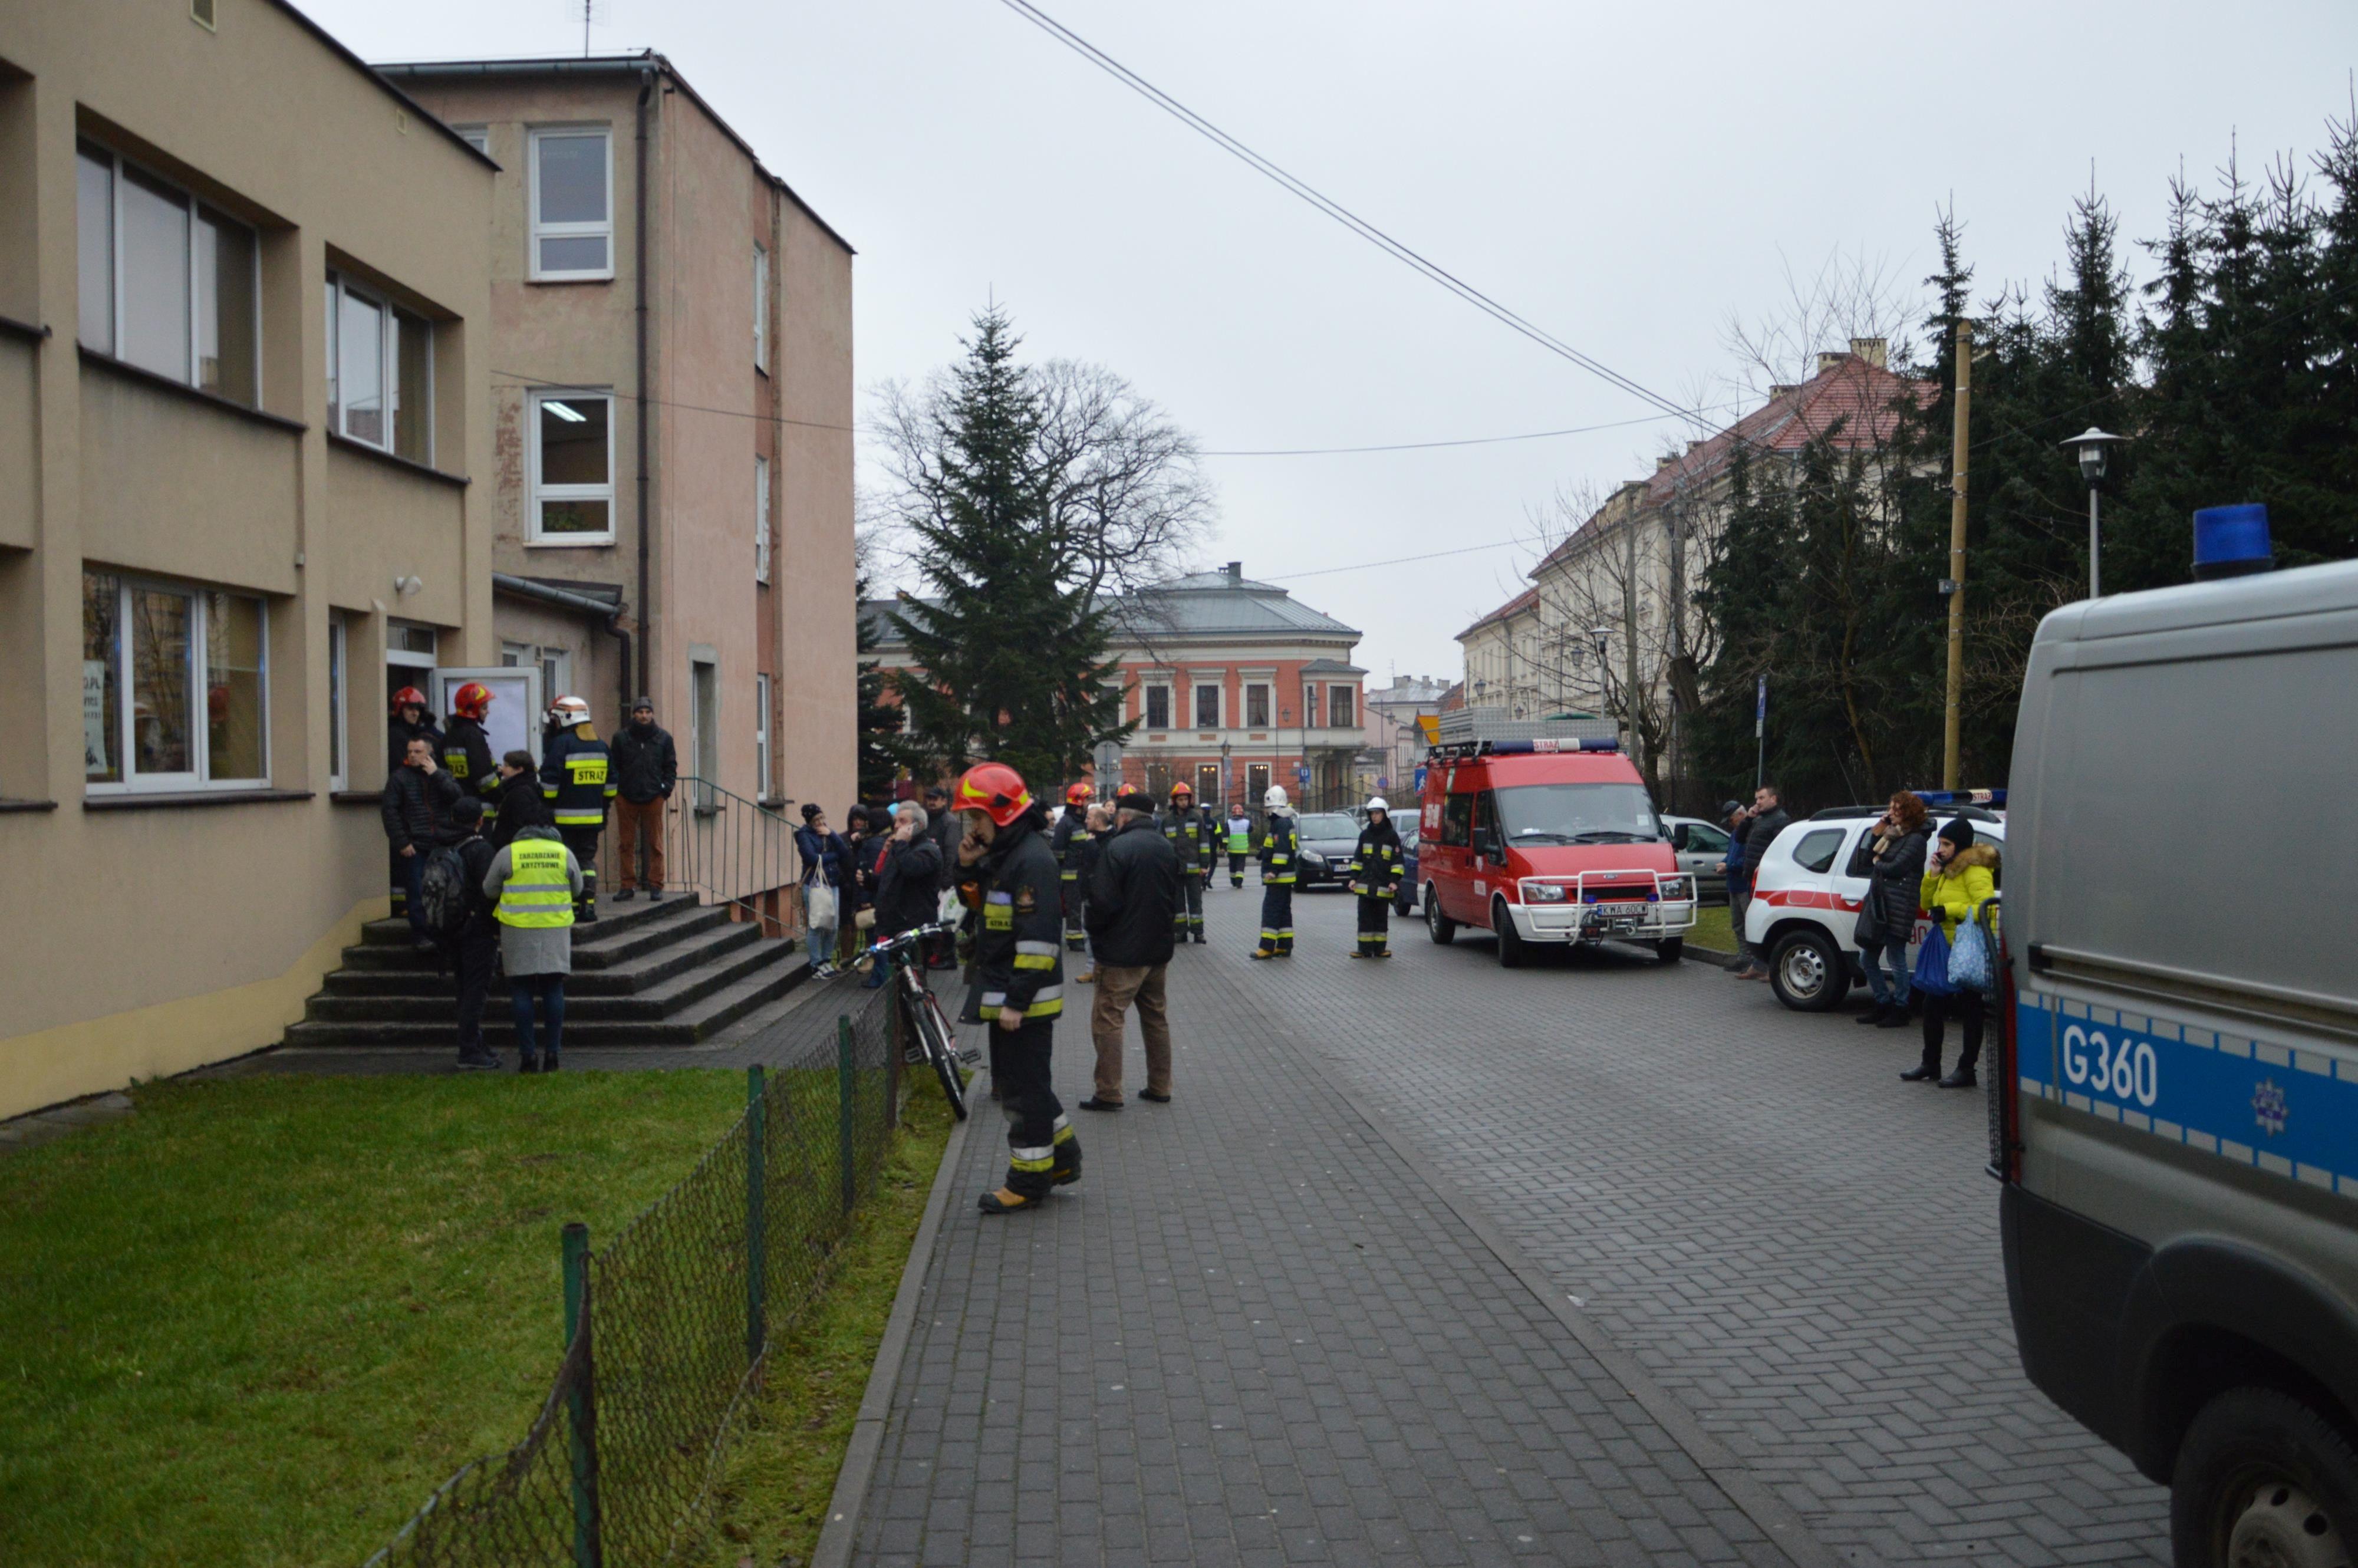 Ktoś rozpylił gaz pieprzowy w szkole. Ewakuacja kilkuset uczniów i pracowników [FOTO]